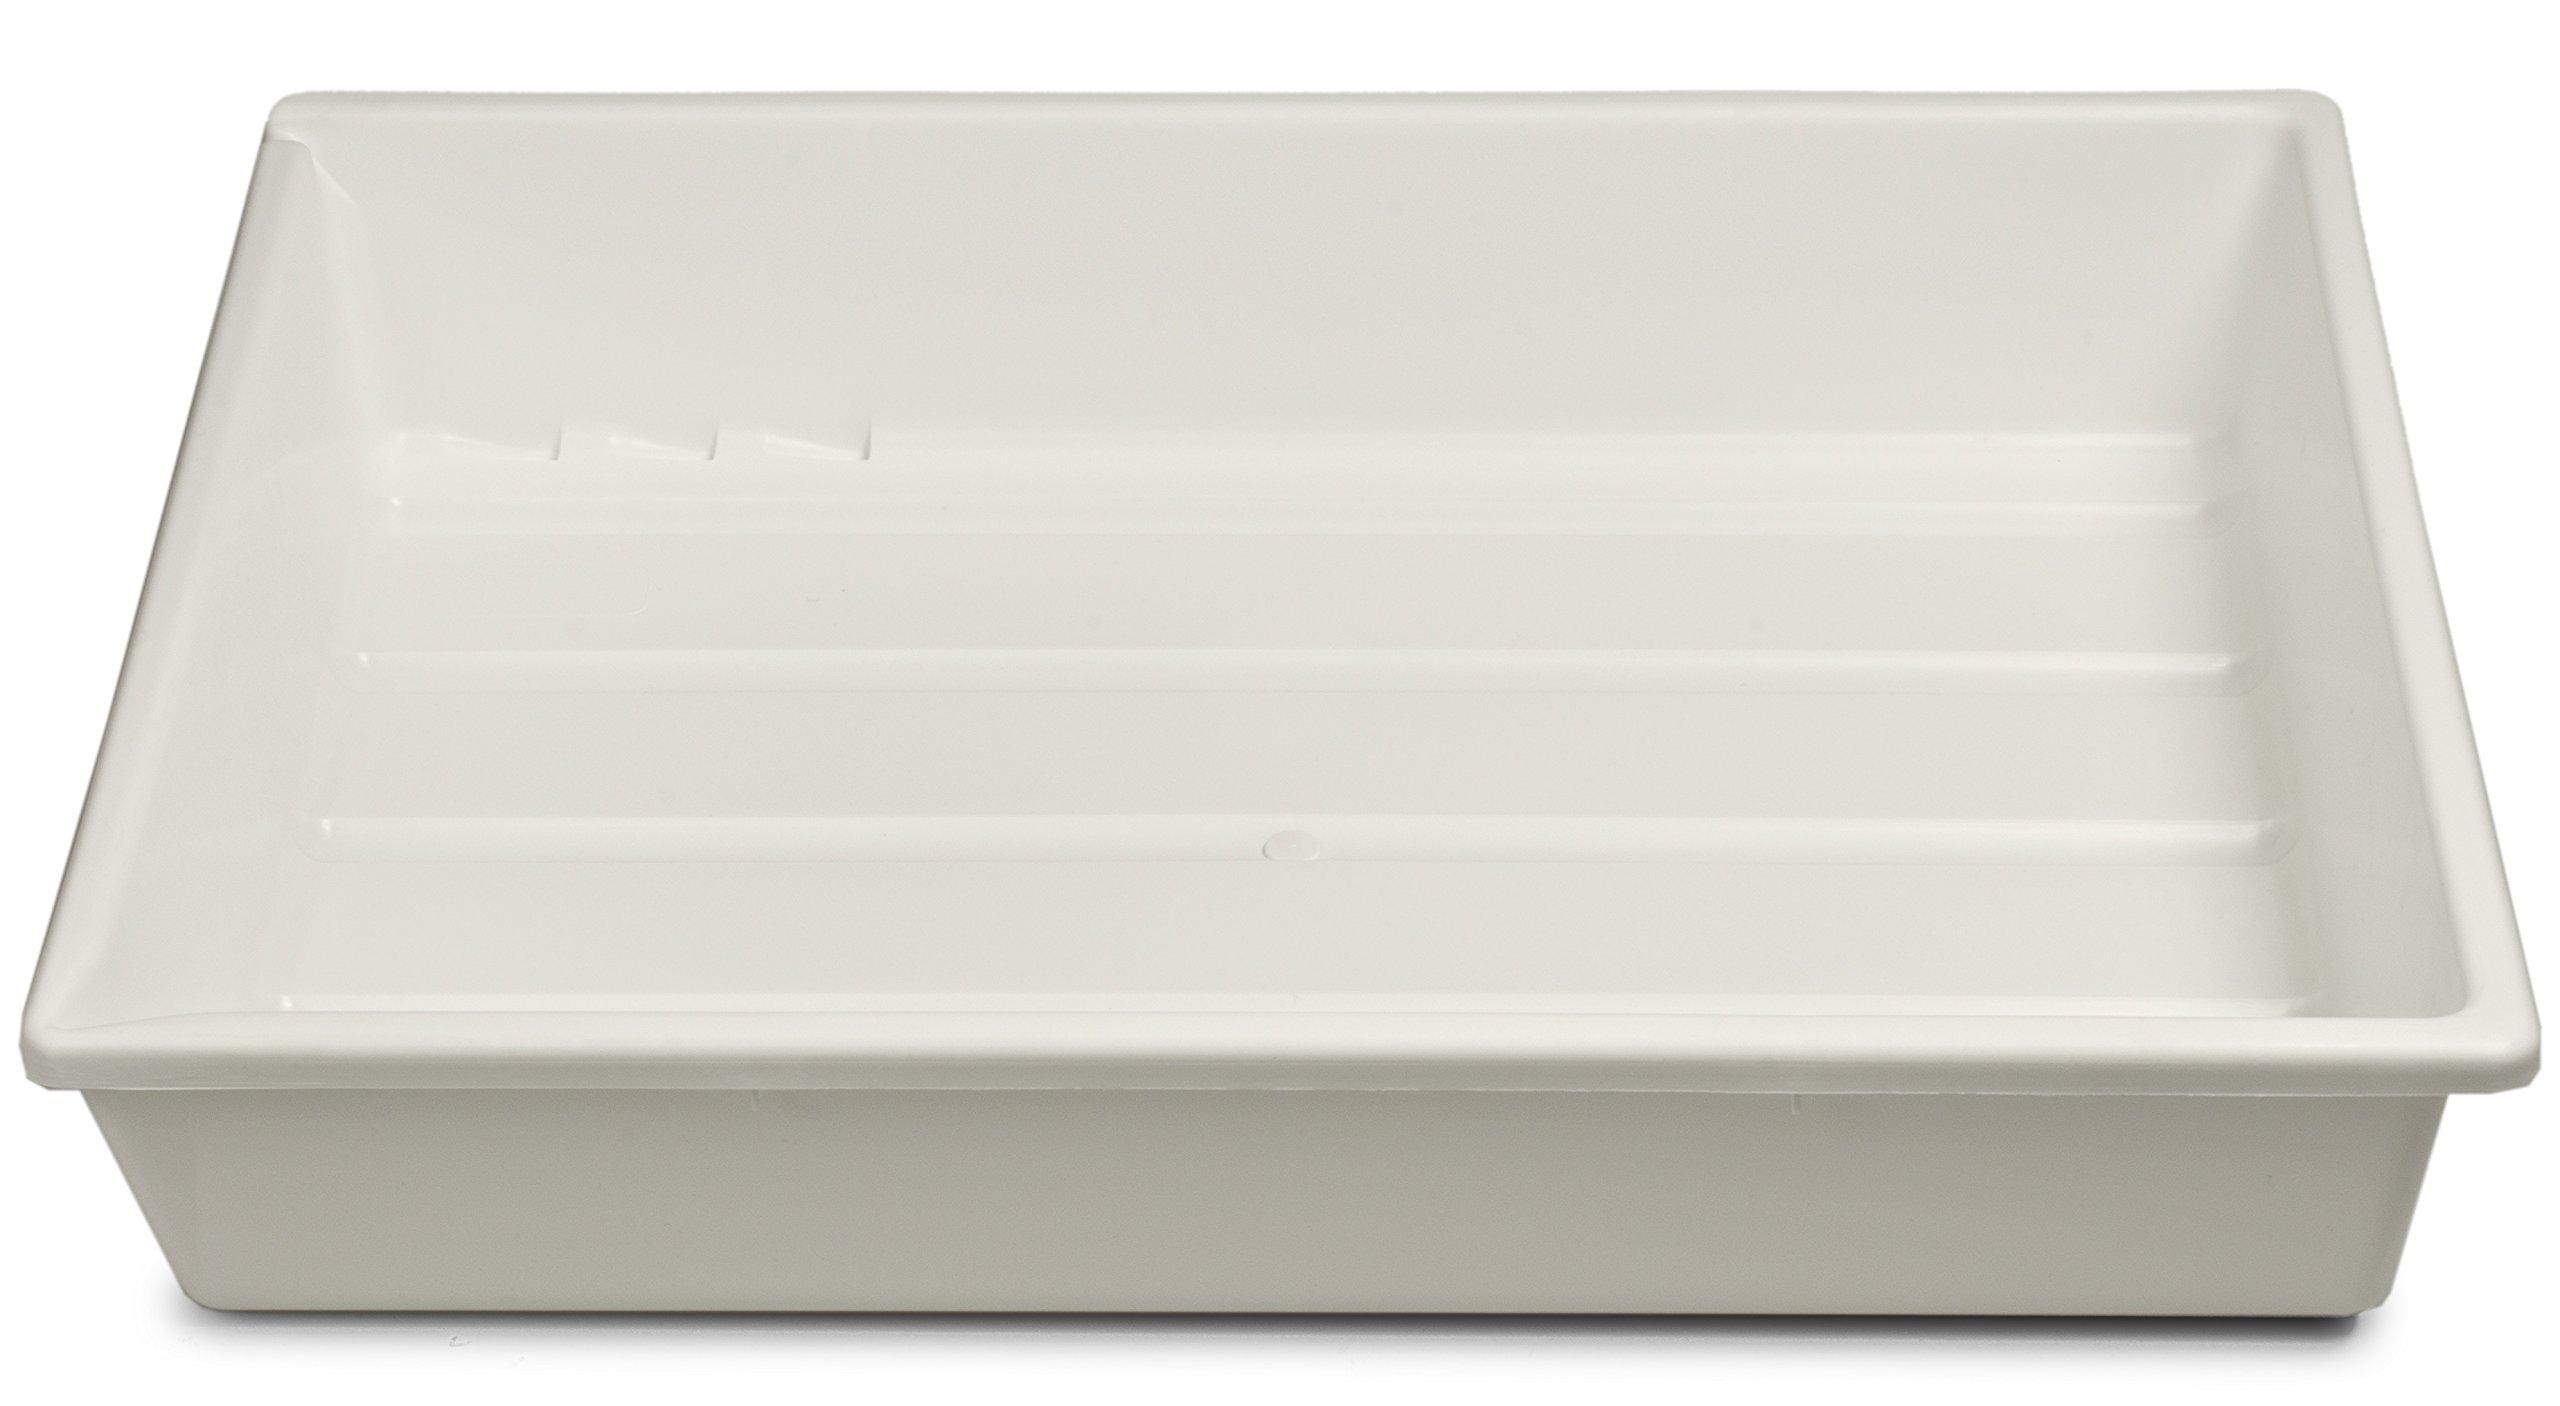 Kaiser 204171 12''x16'' Lab Tray (White)